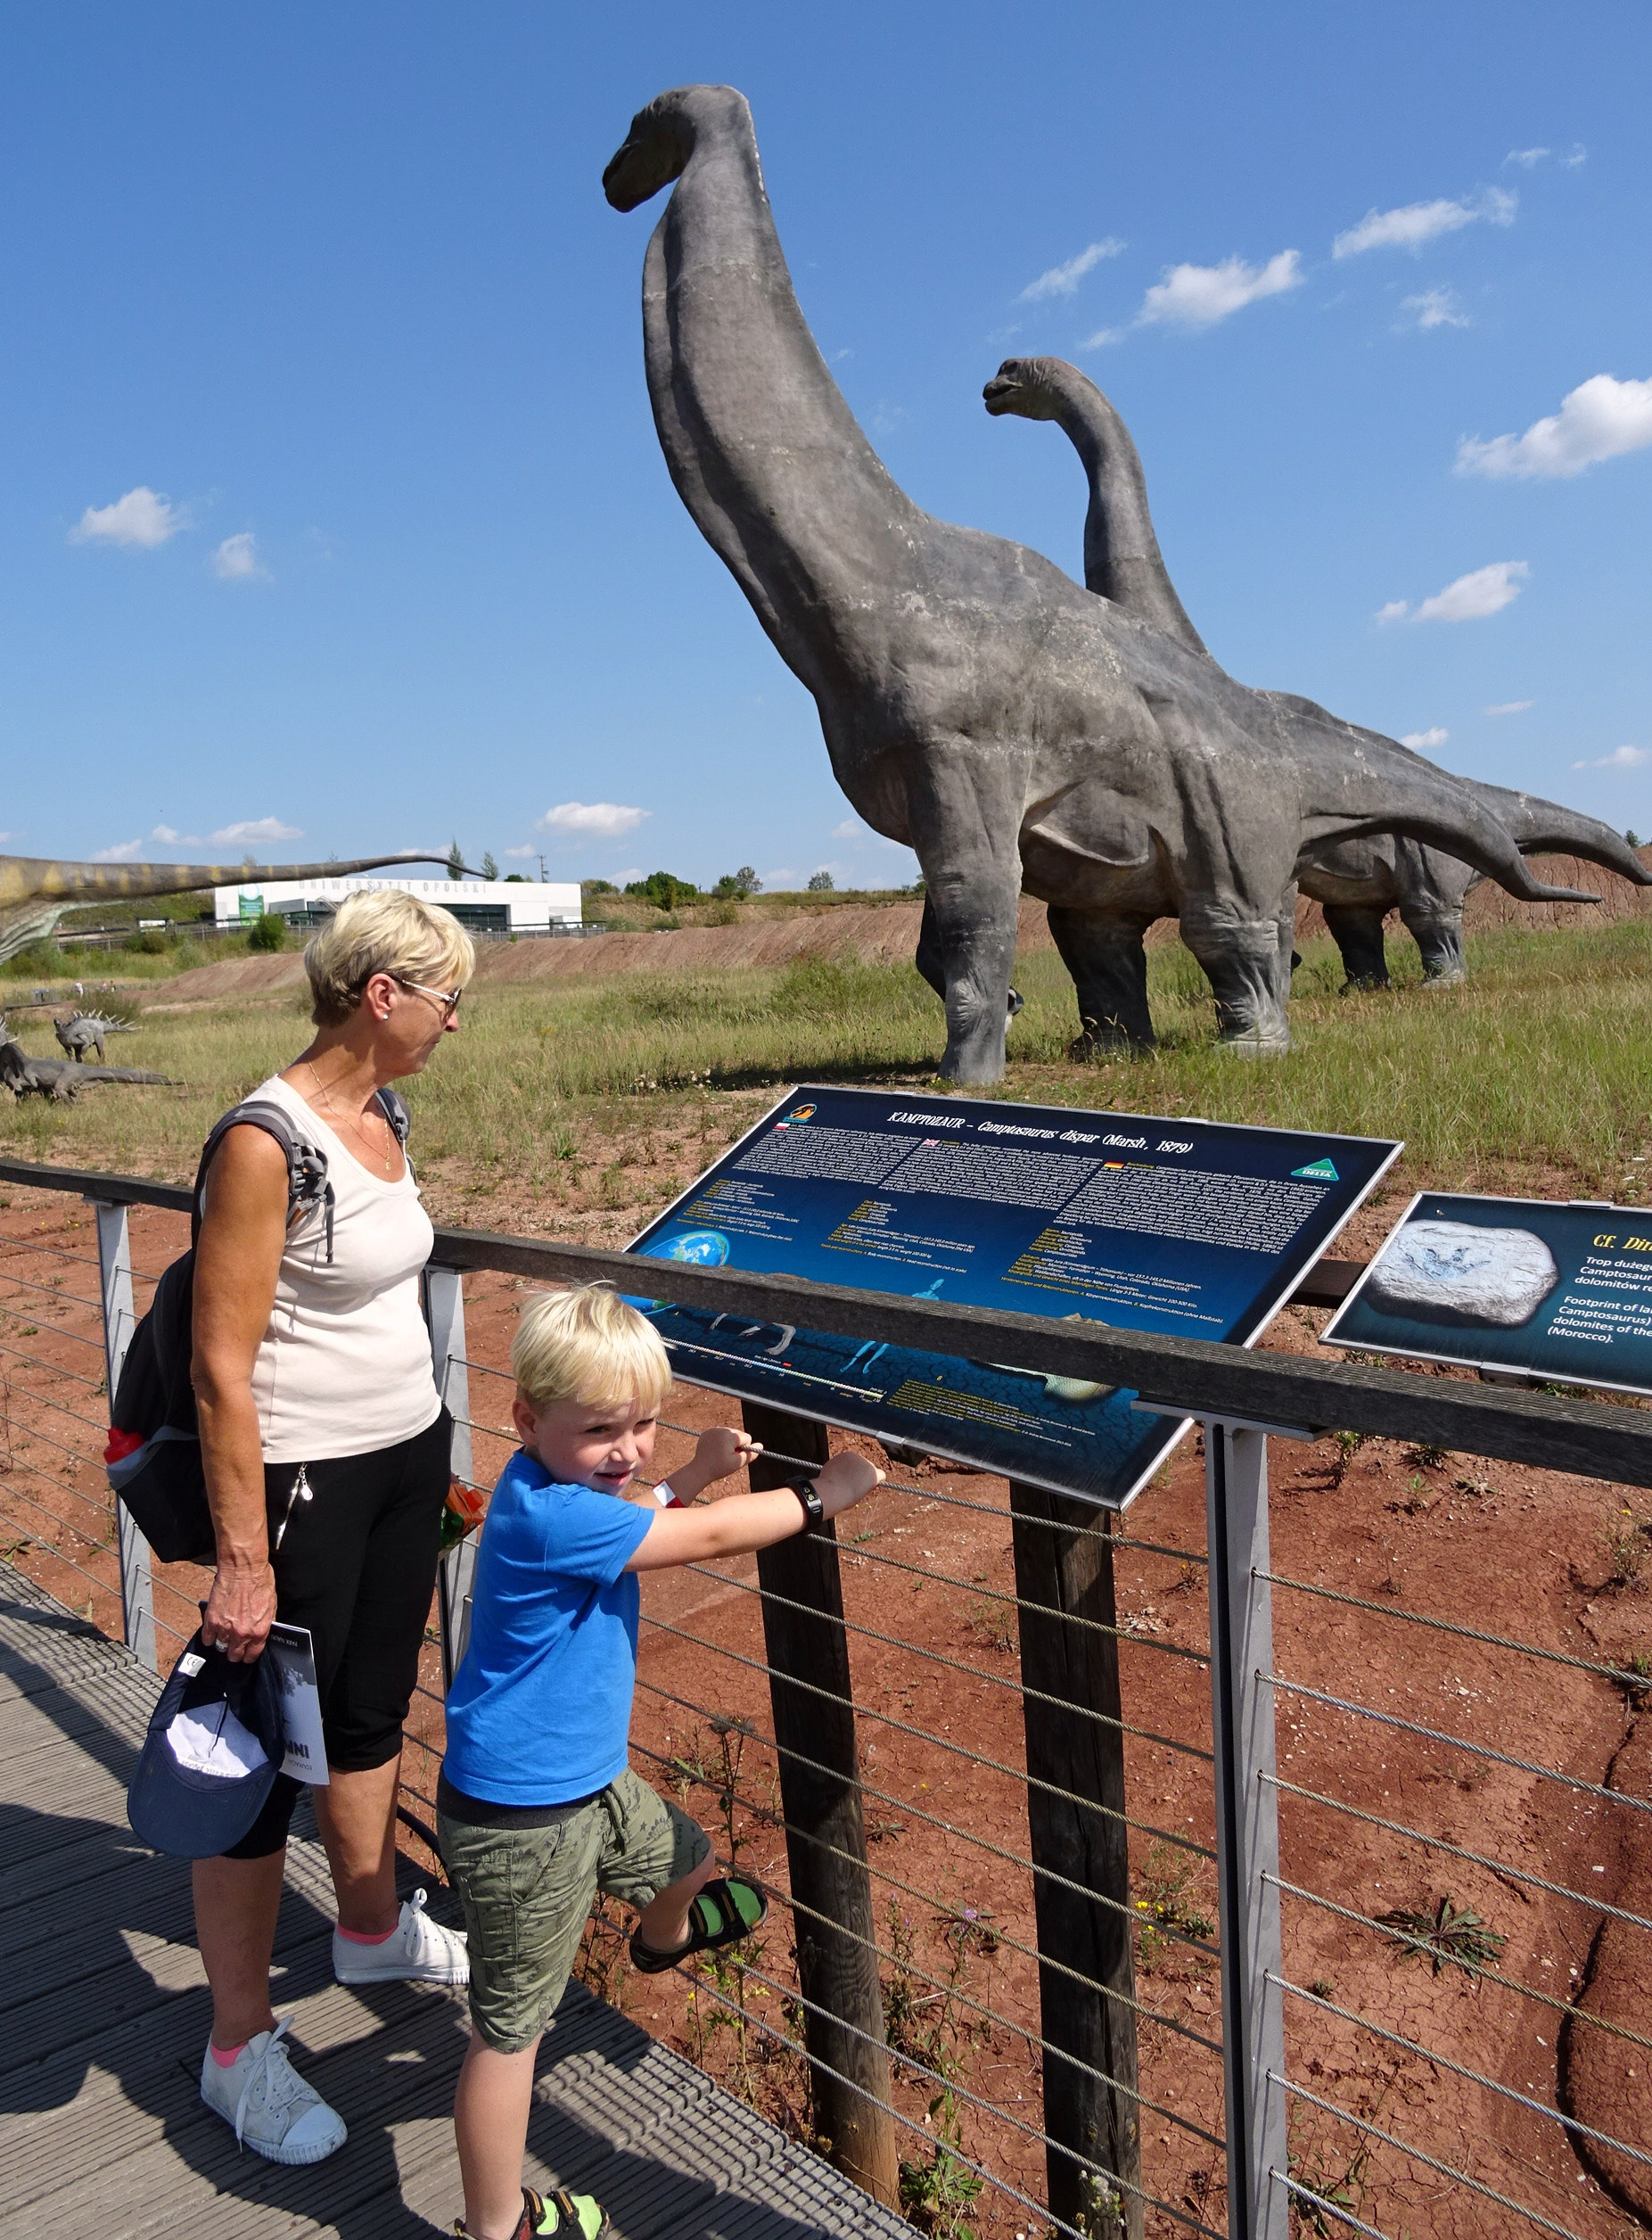 Ogromne prehistoryczne gady w Jurapark Krasiejów